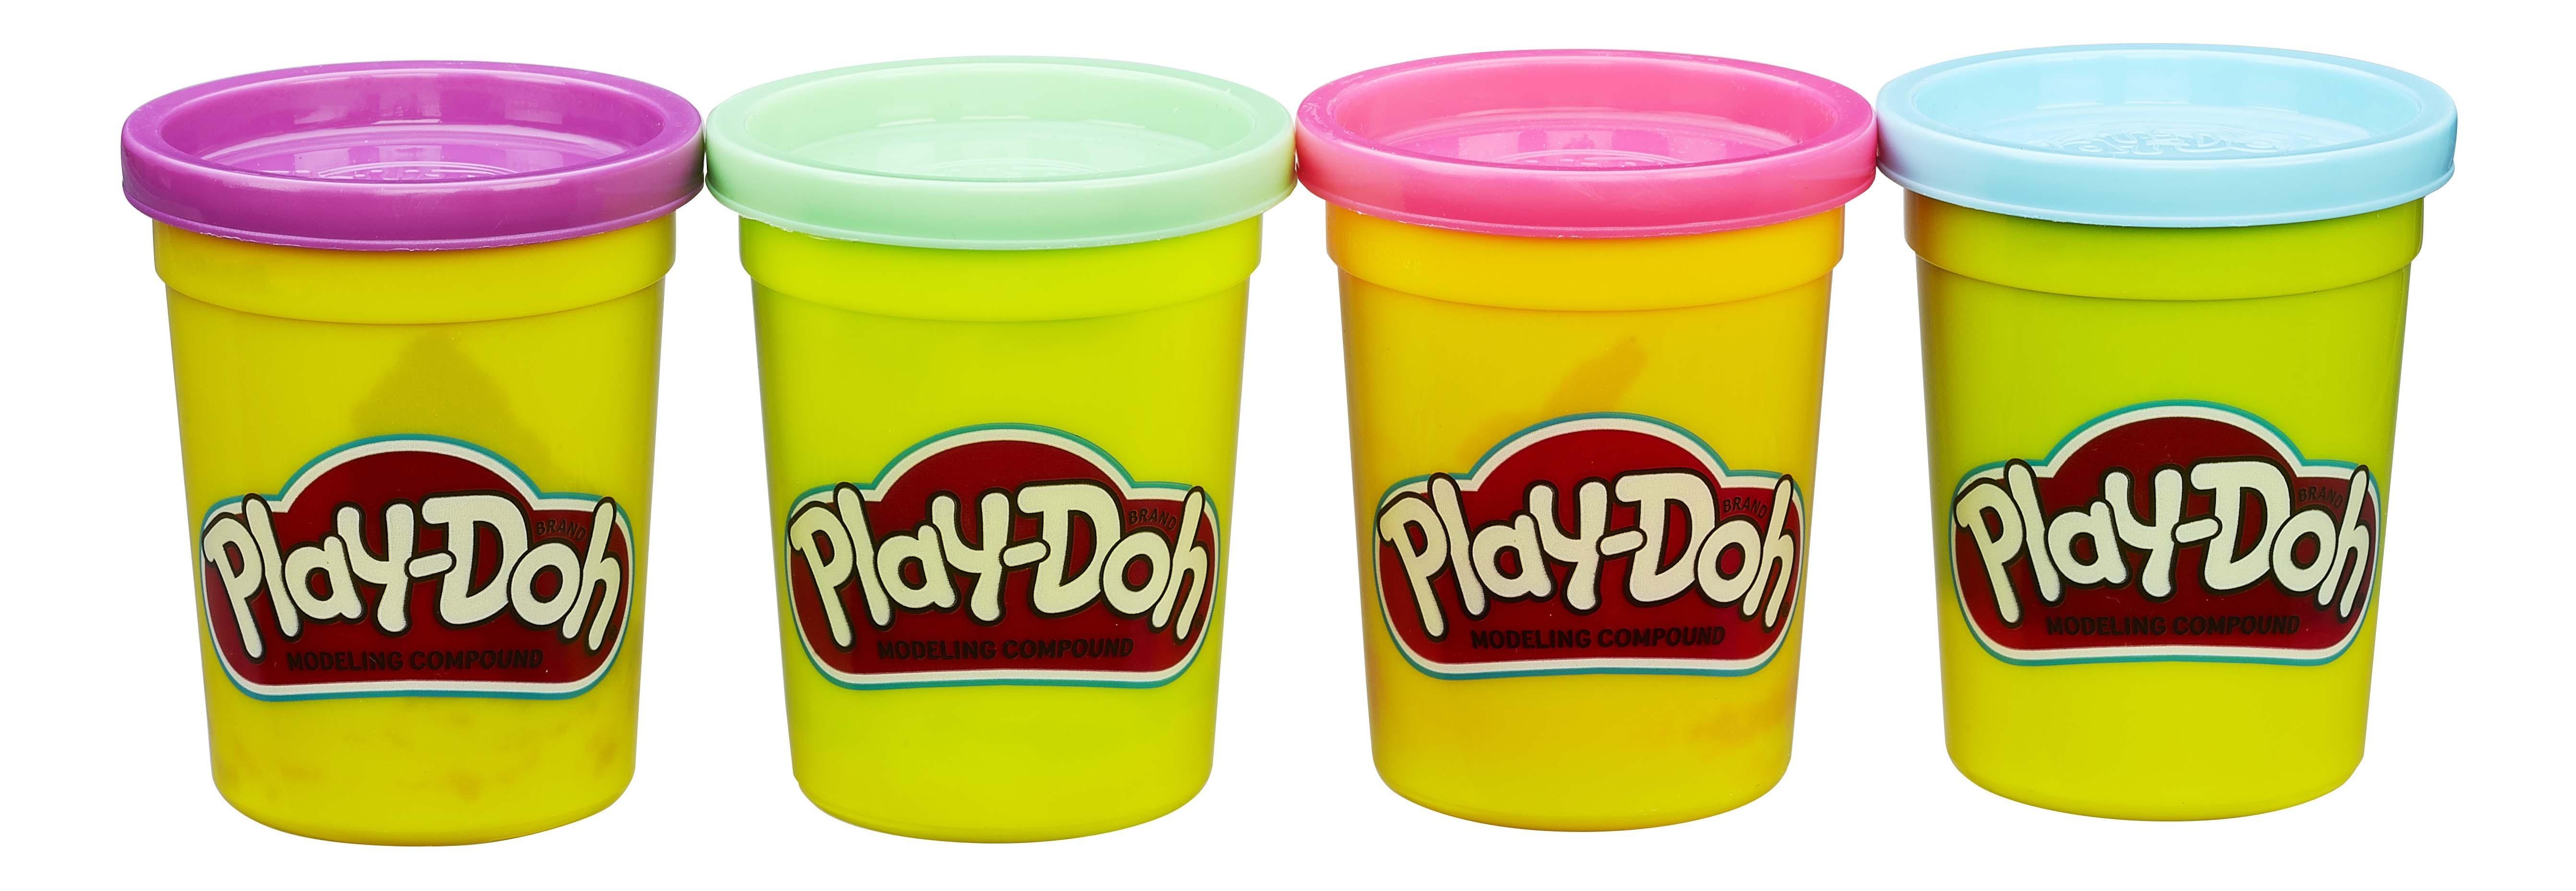 Купить Play-doh набор из 4 баночек b5517 b6510, Наборы для лепки Play-Doh